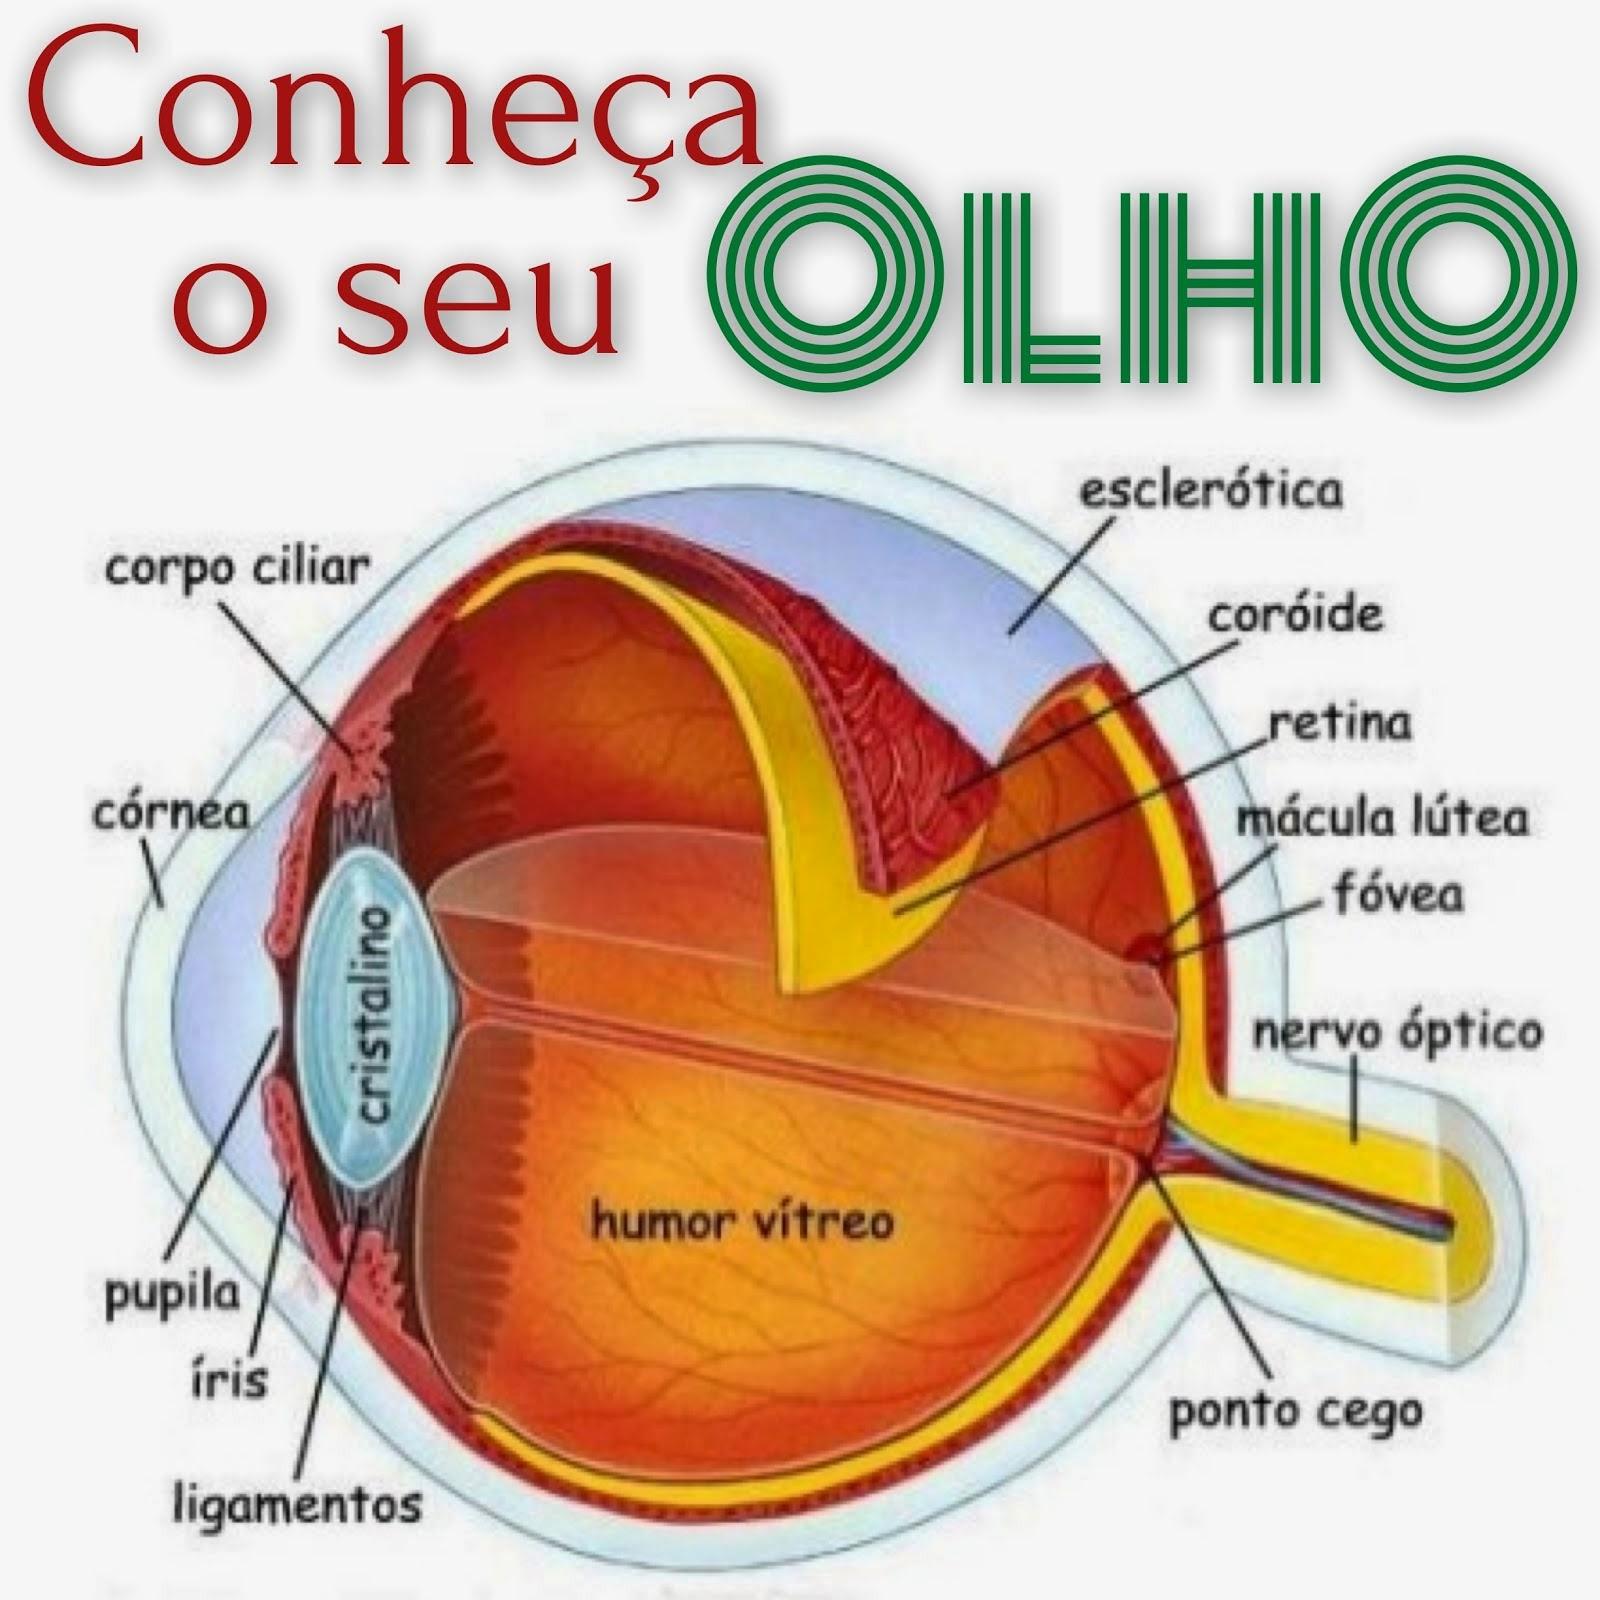 Clique na imagem e conheça um pouco do universo da visão.